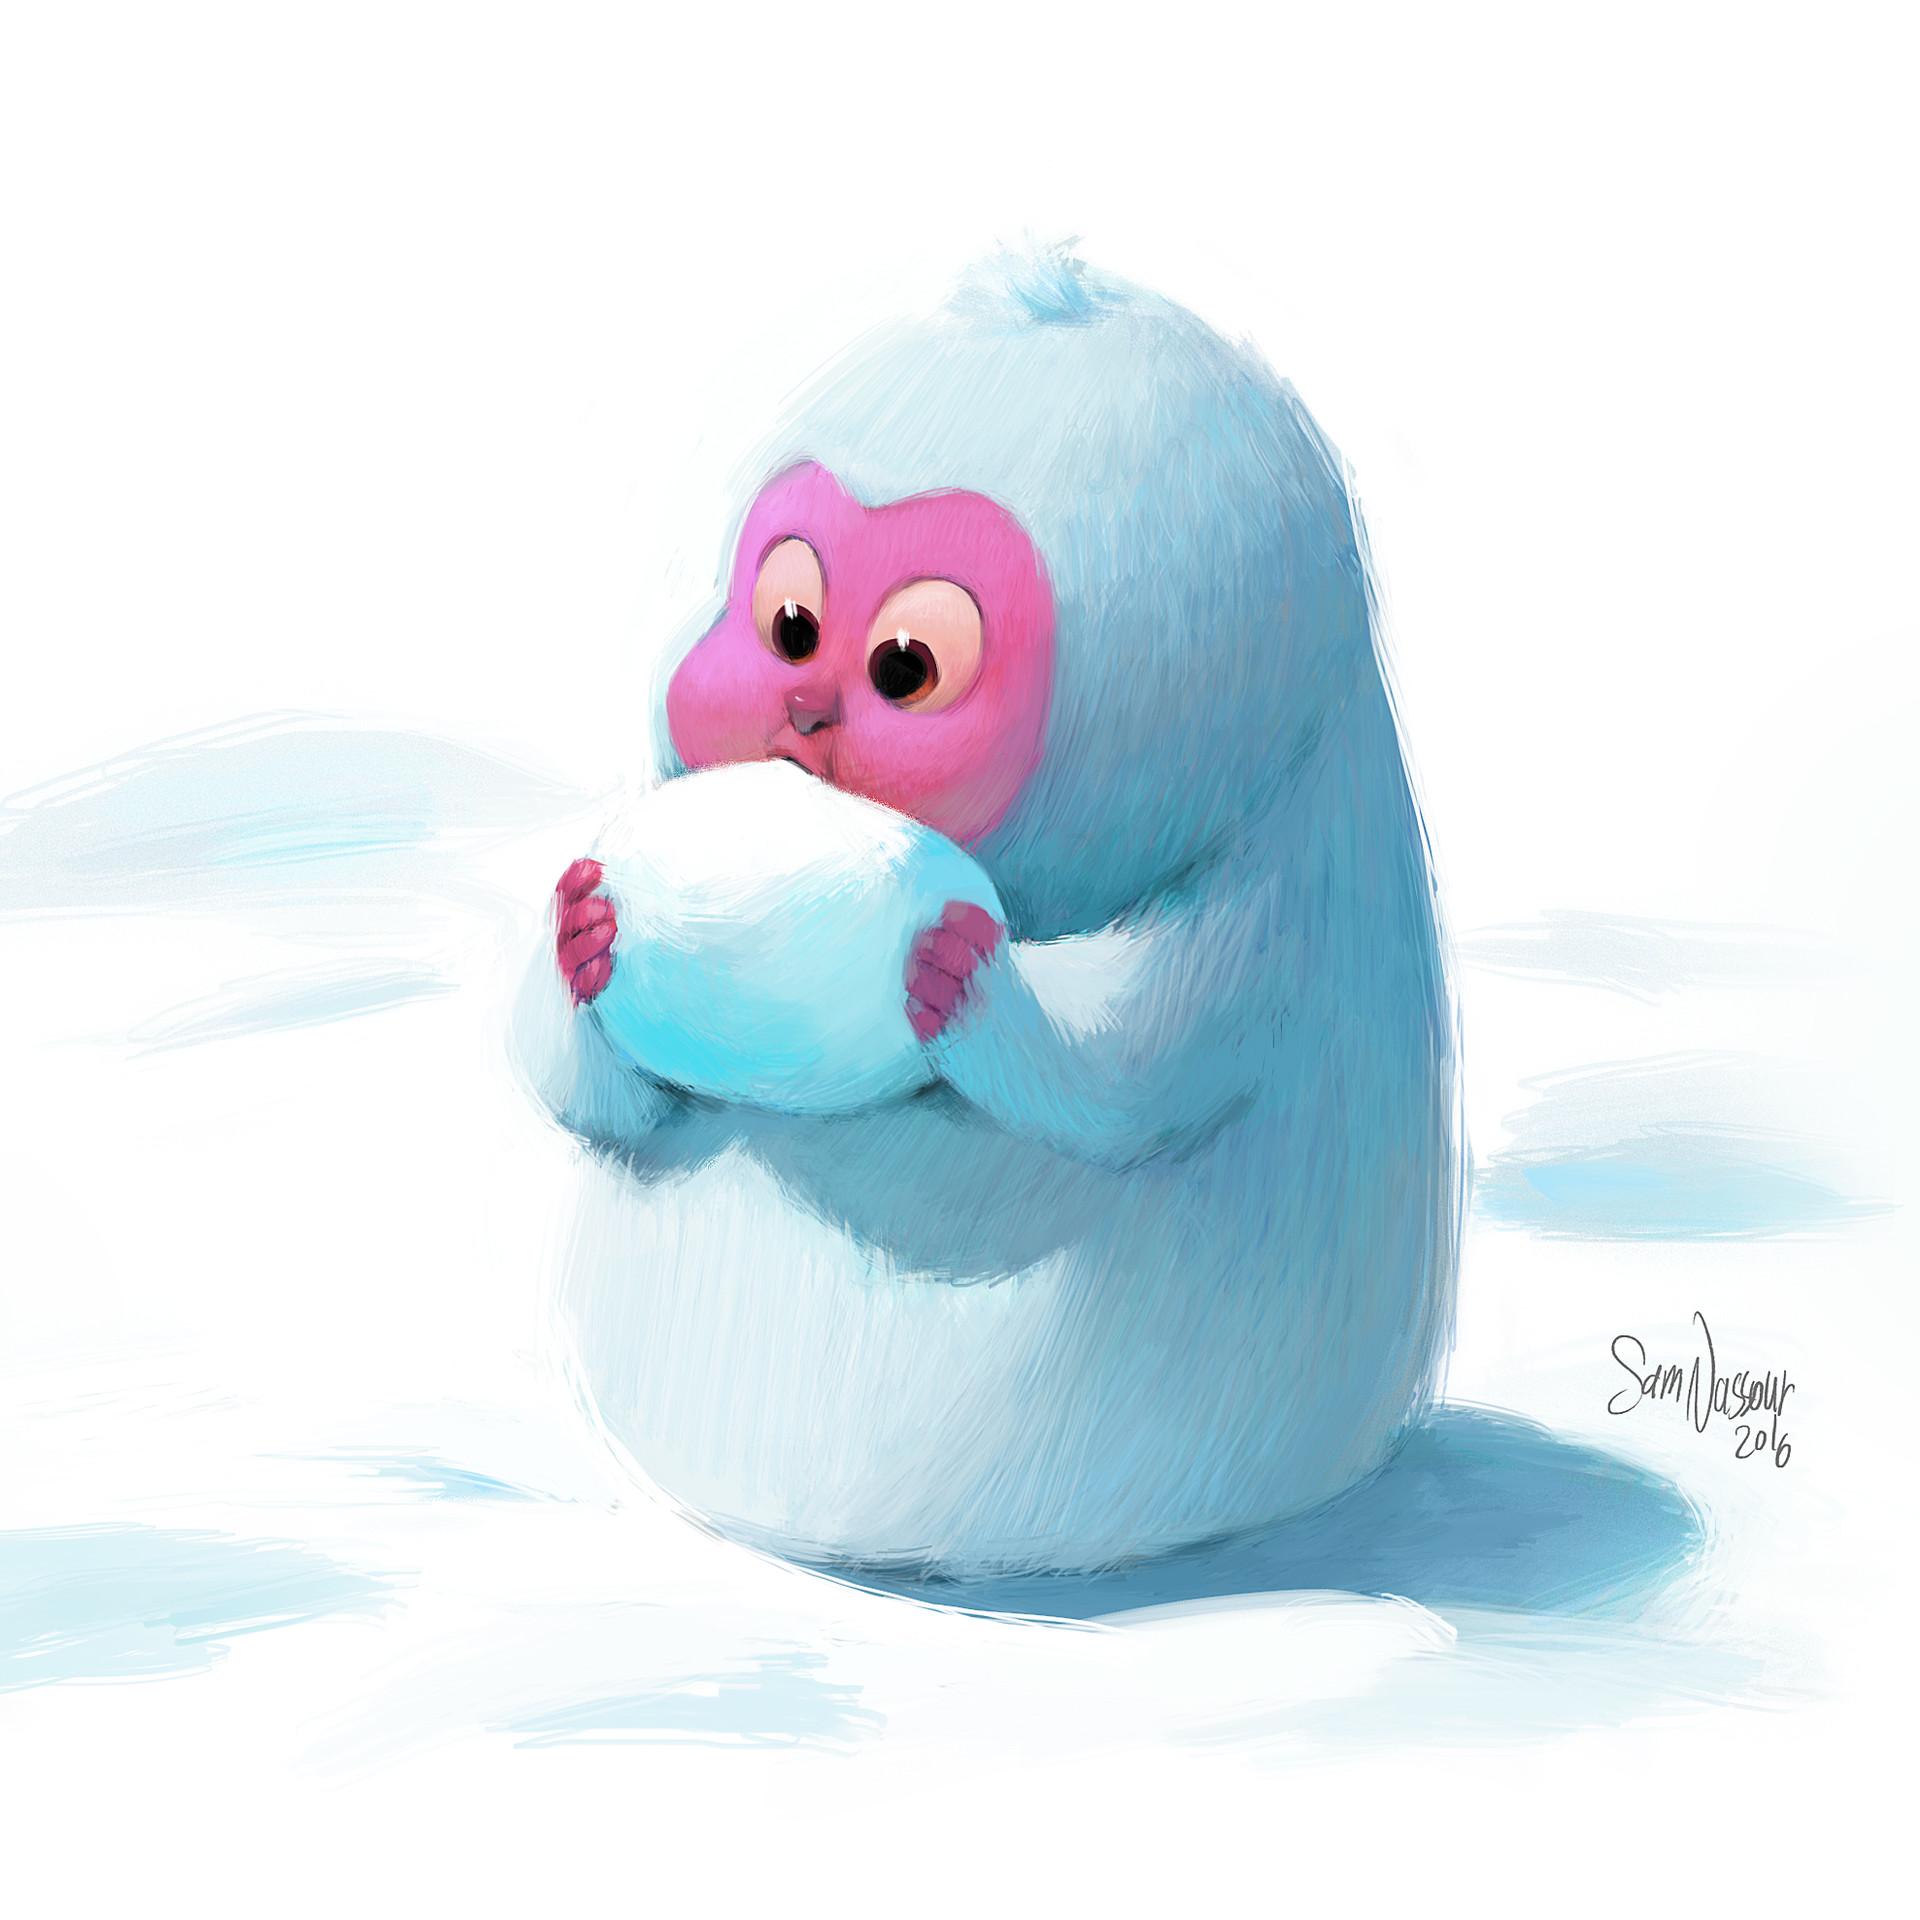 Sam nassour snowmonkey